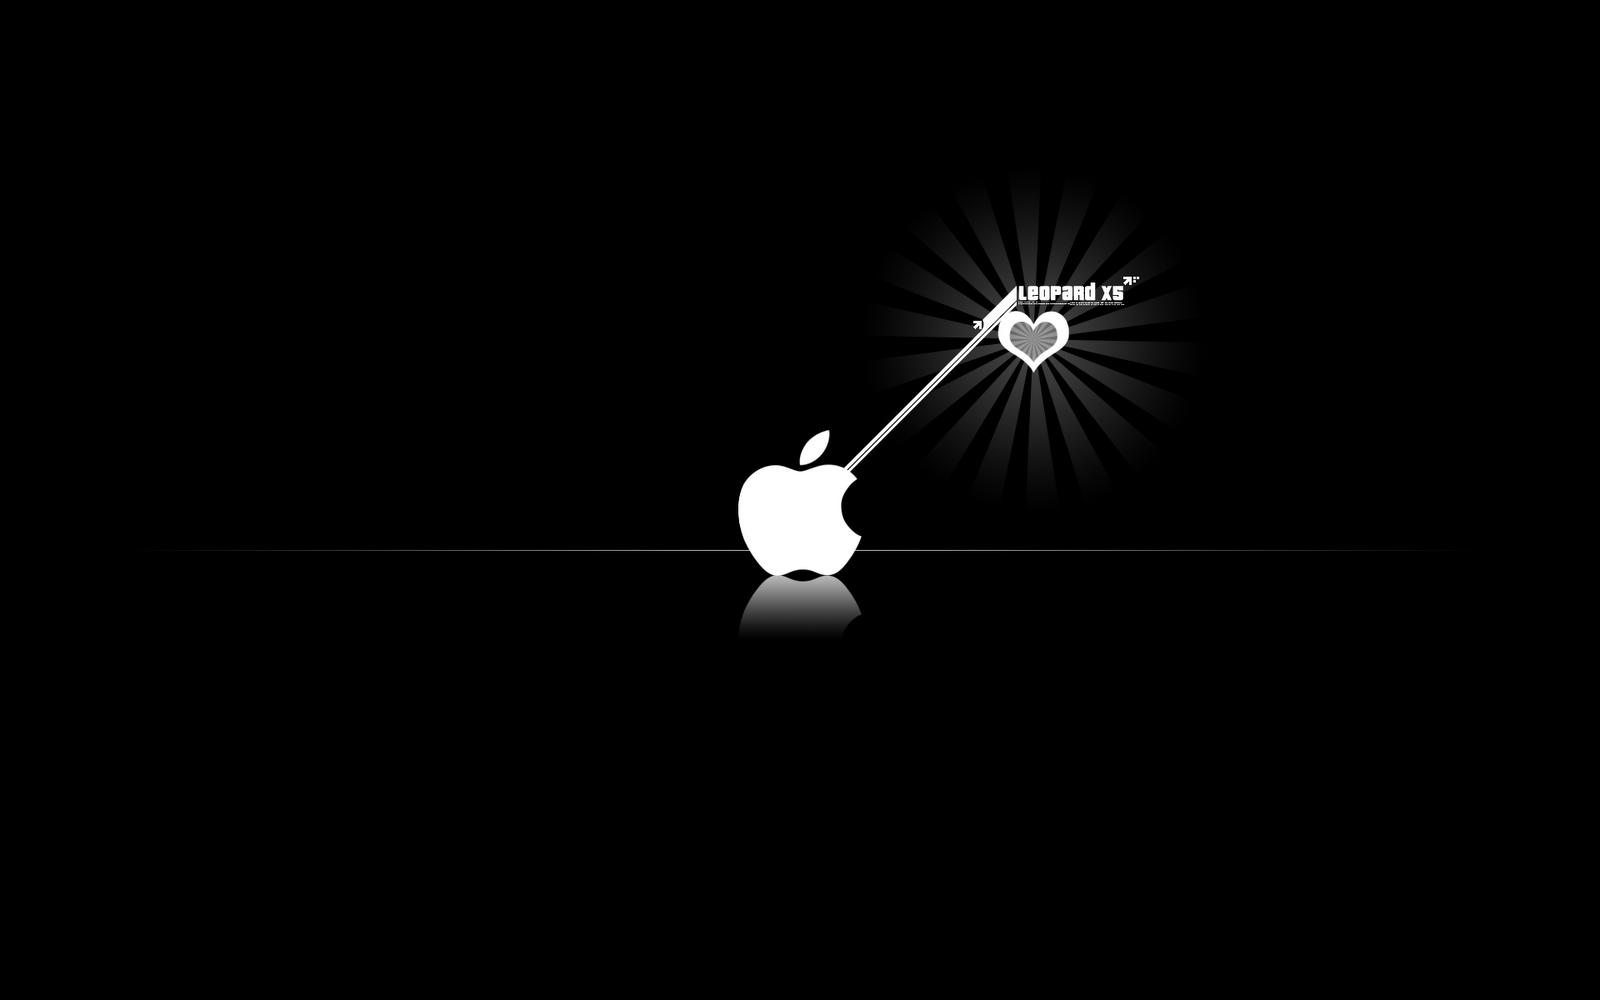 Download beweglicher desktop hintergrund Softonic